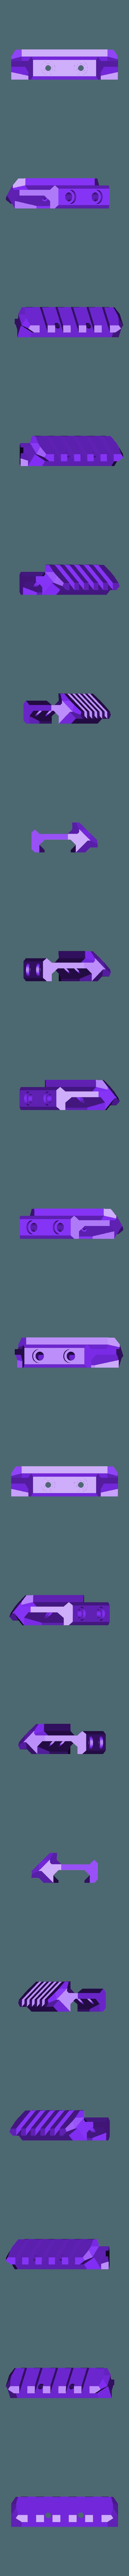 45_rail_metric.stl Download STL file 3DTAC - 45° Rail • 3D printable model, 3DMX